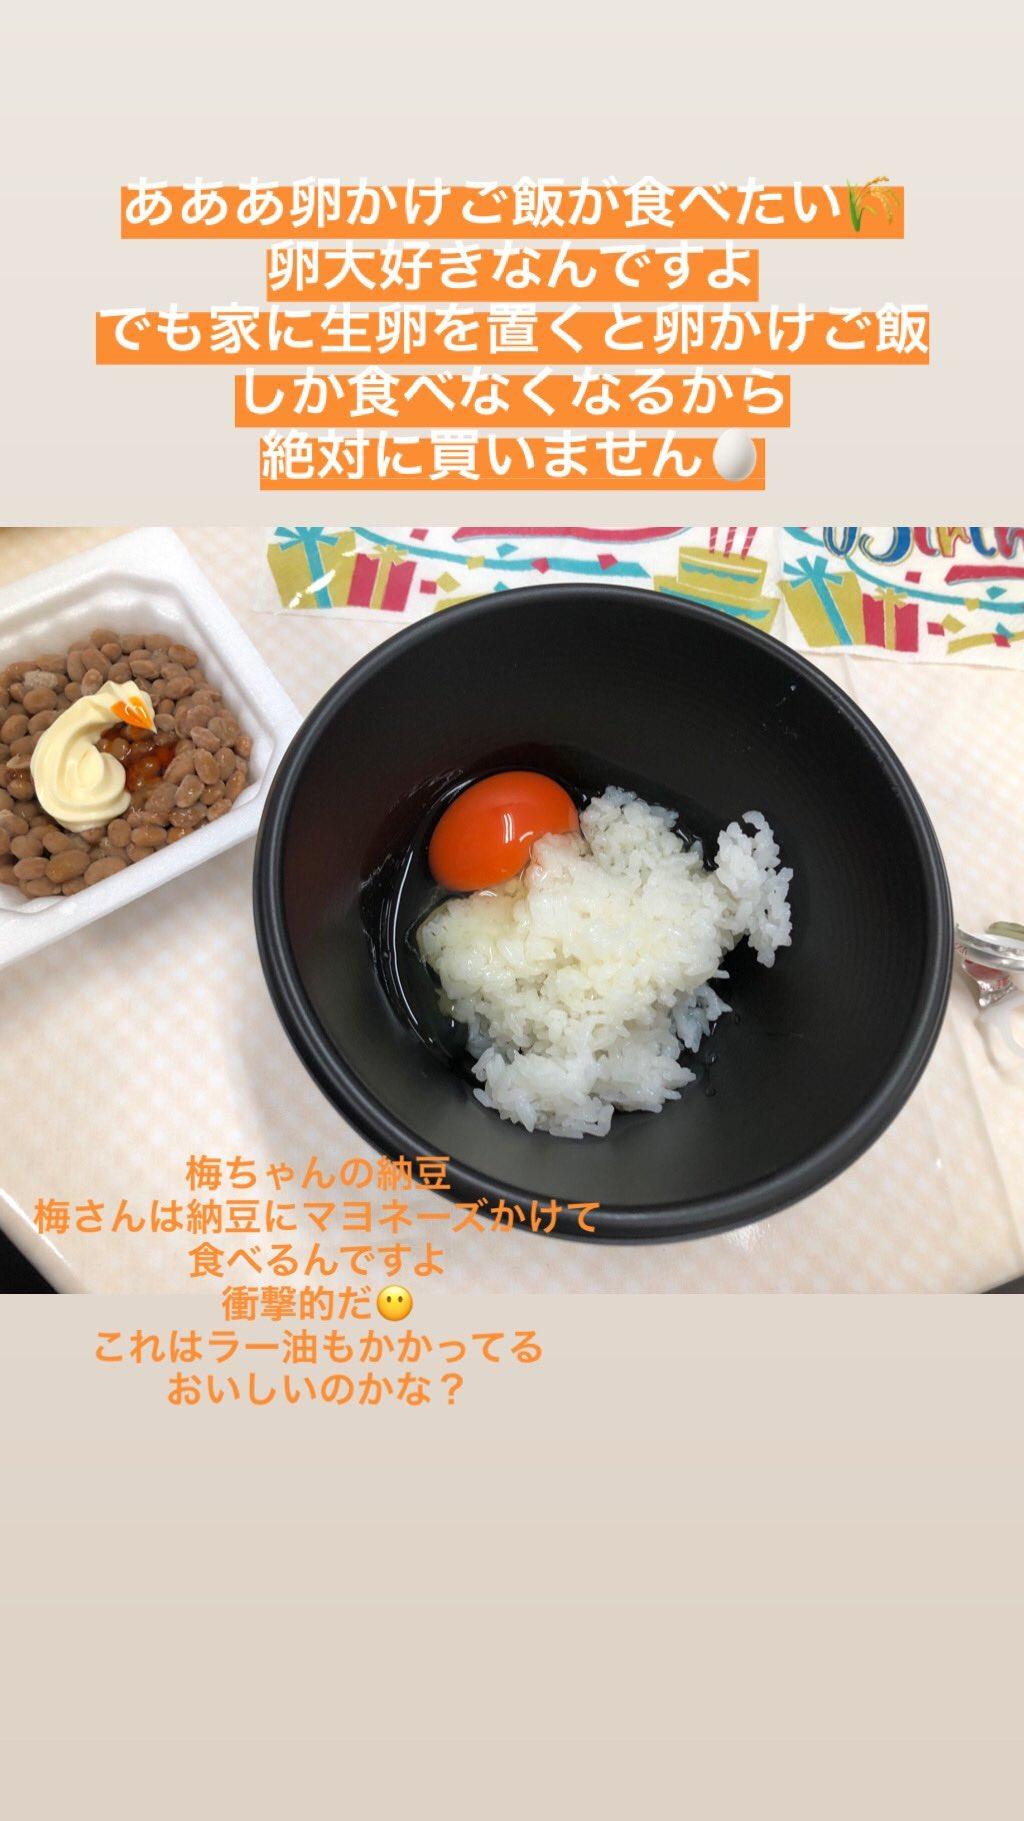 梅澤美波 納豆にマヨネーズかけて食べる